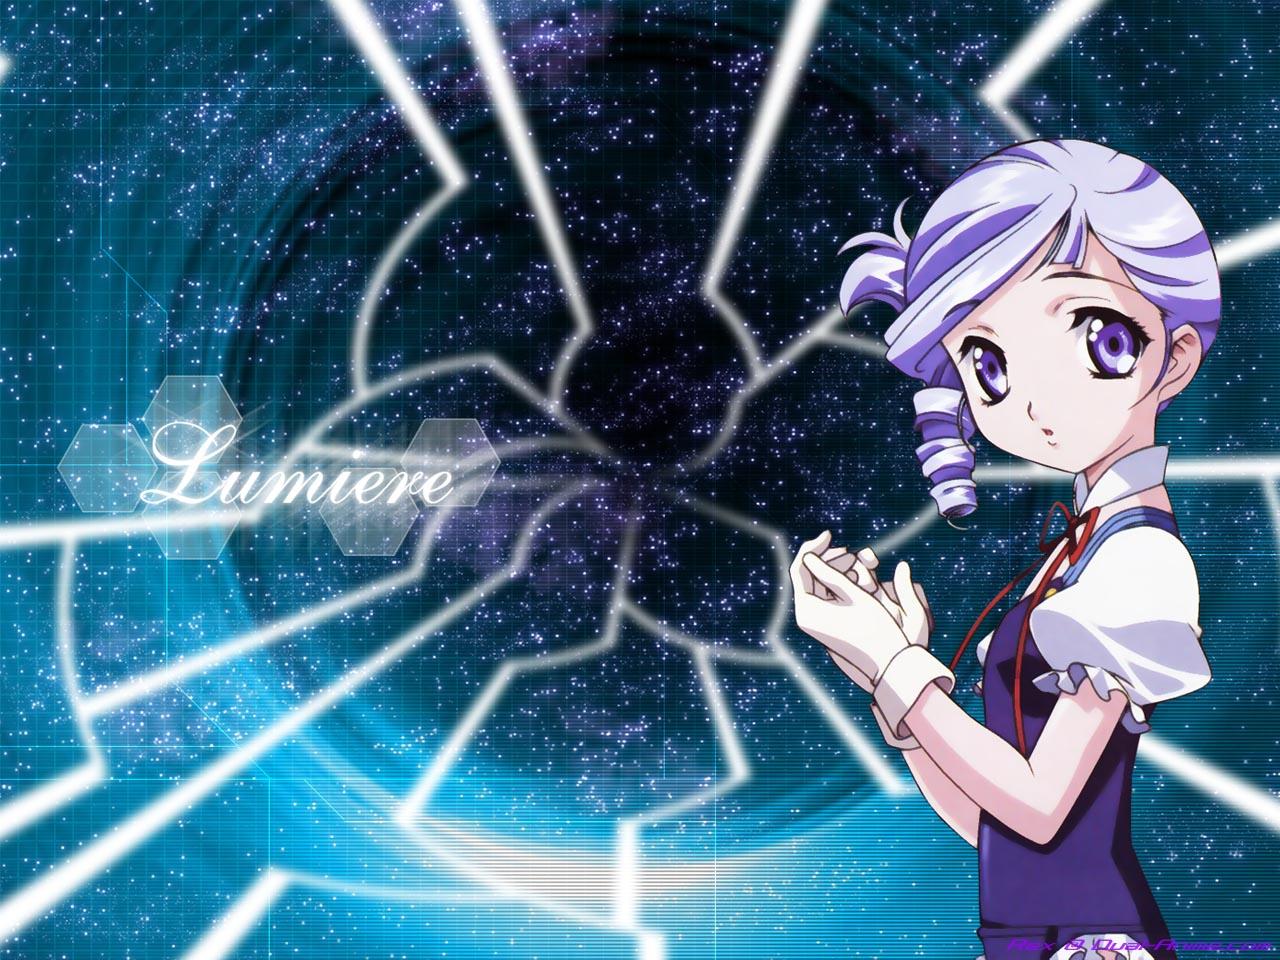 gloves kiddy_grade lumiere purple_eyes purple_hair